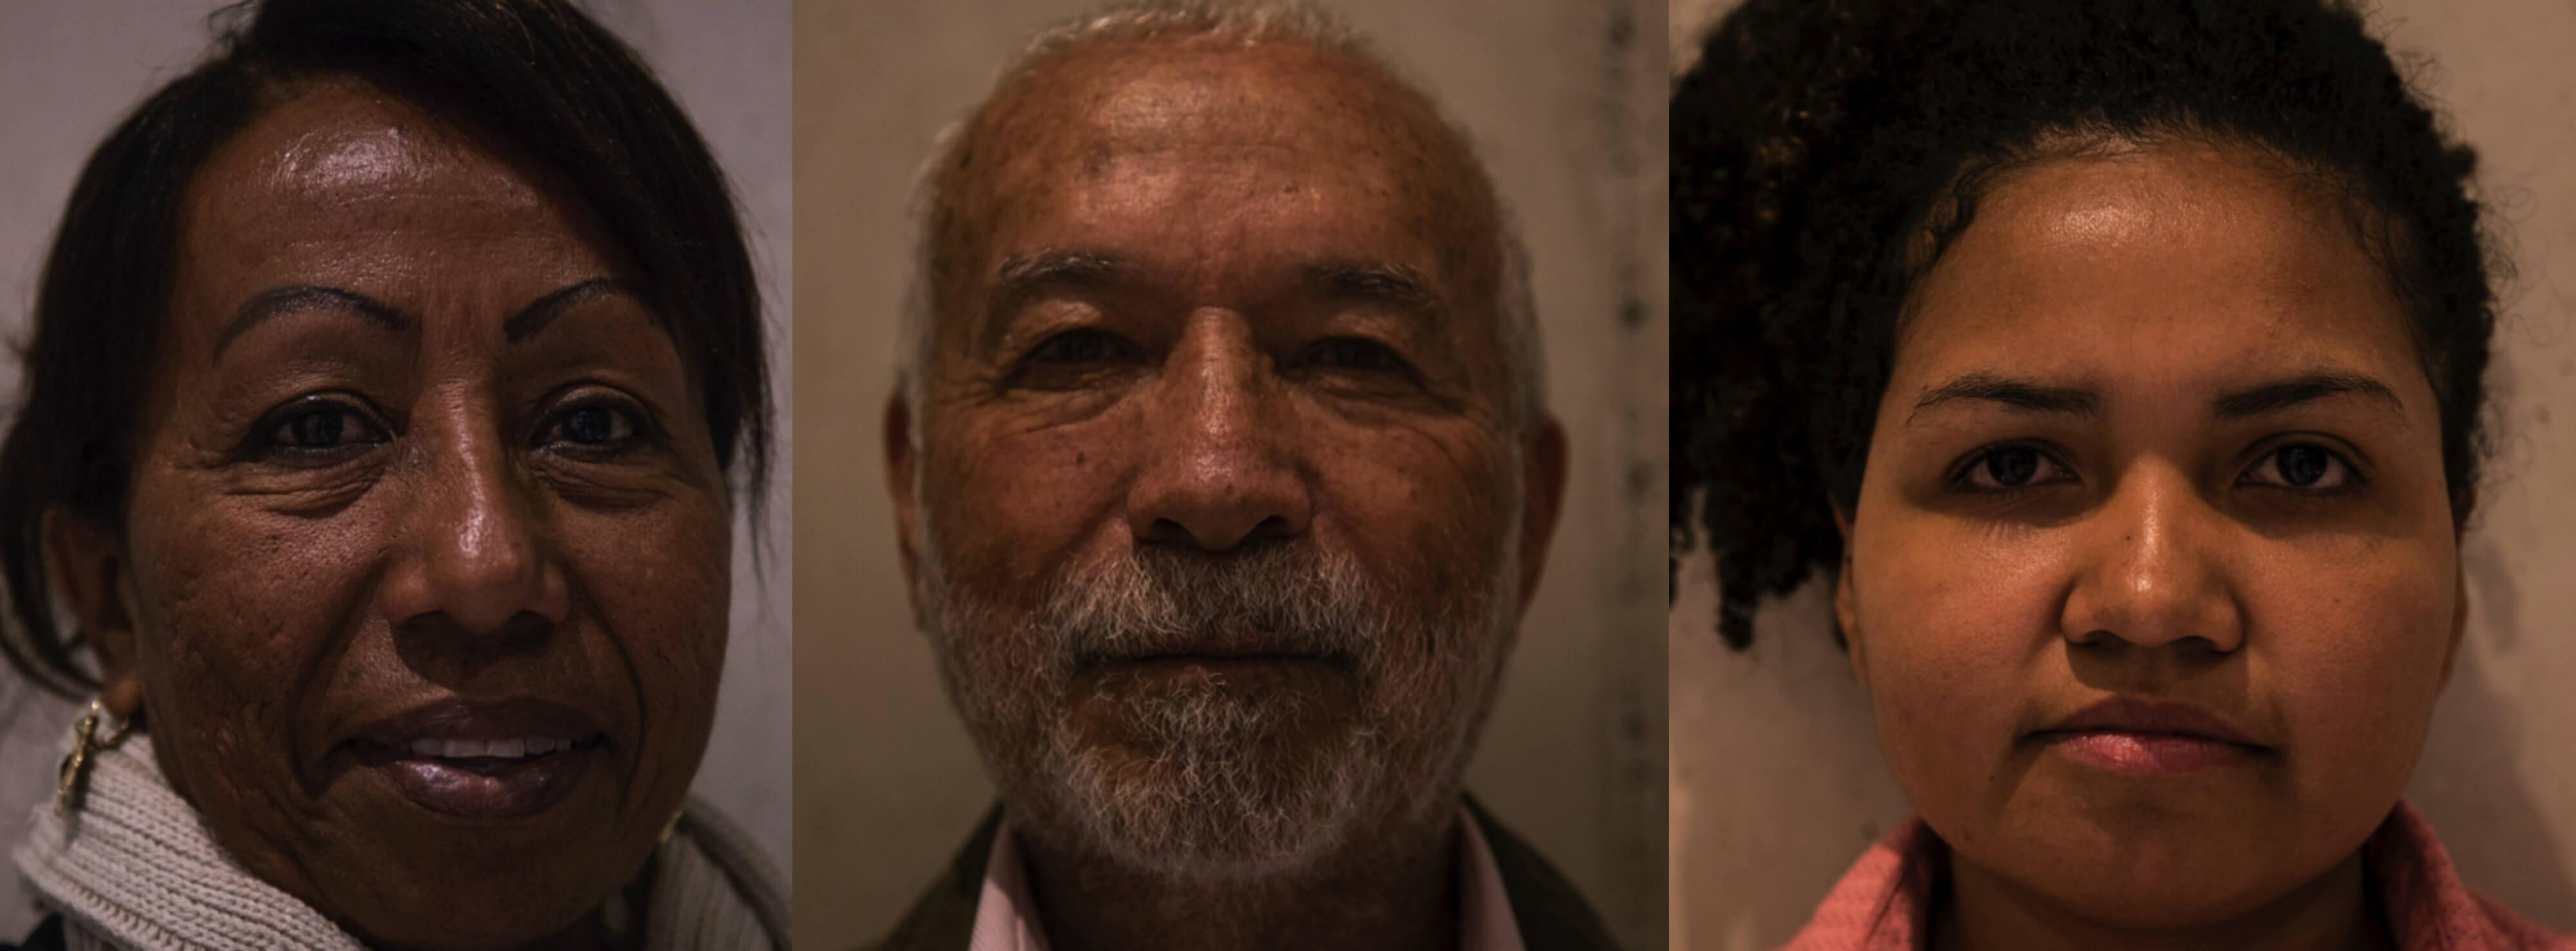 Las víctimas detrás de la campaña #NoMásViolencia